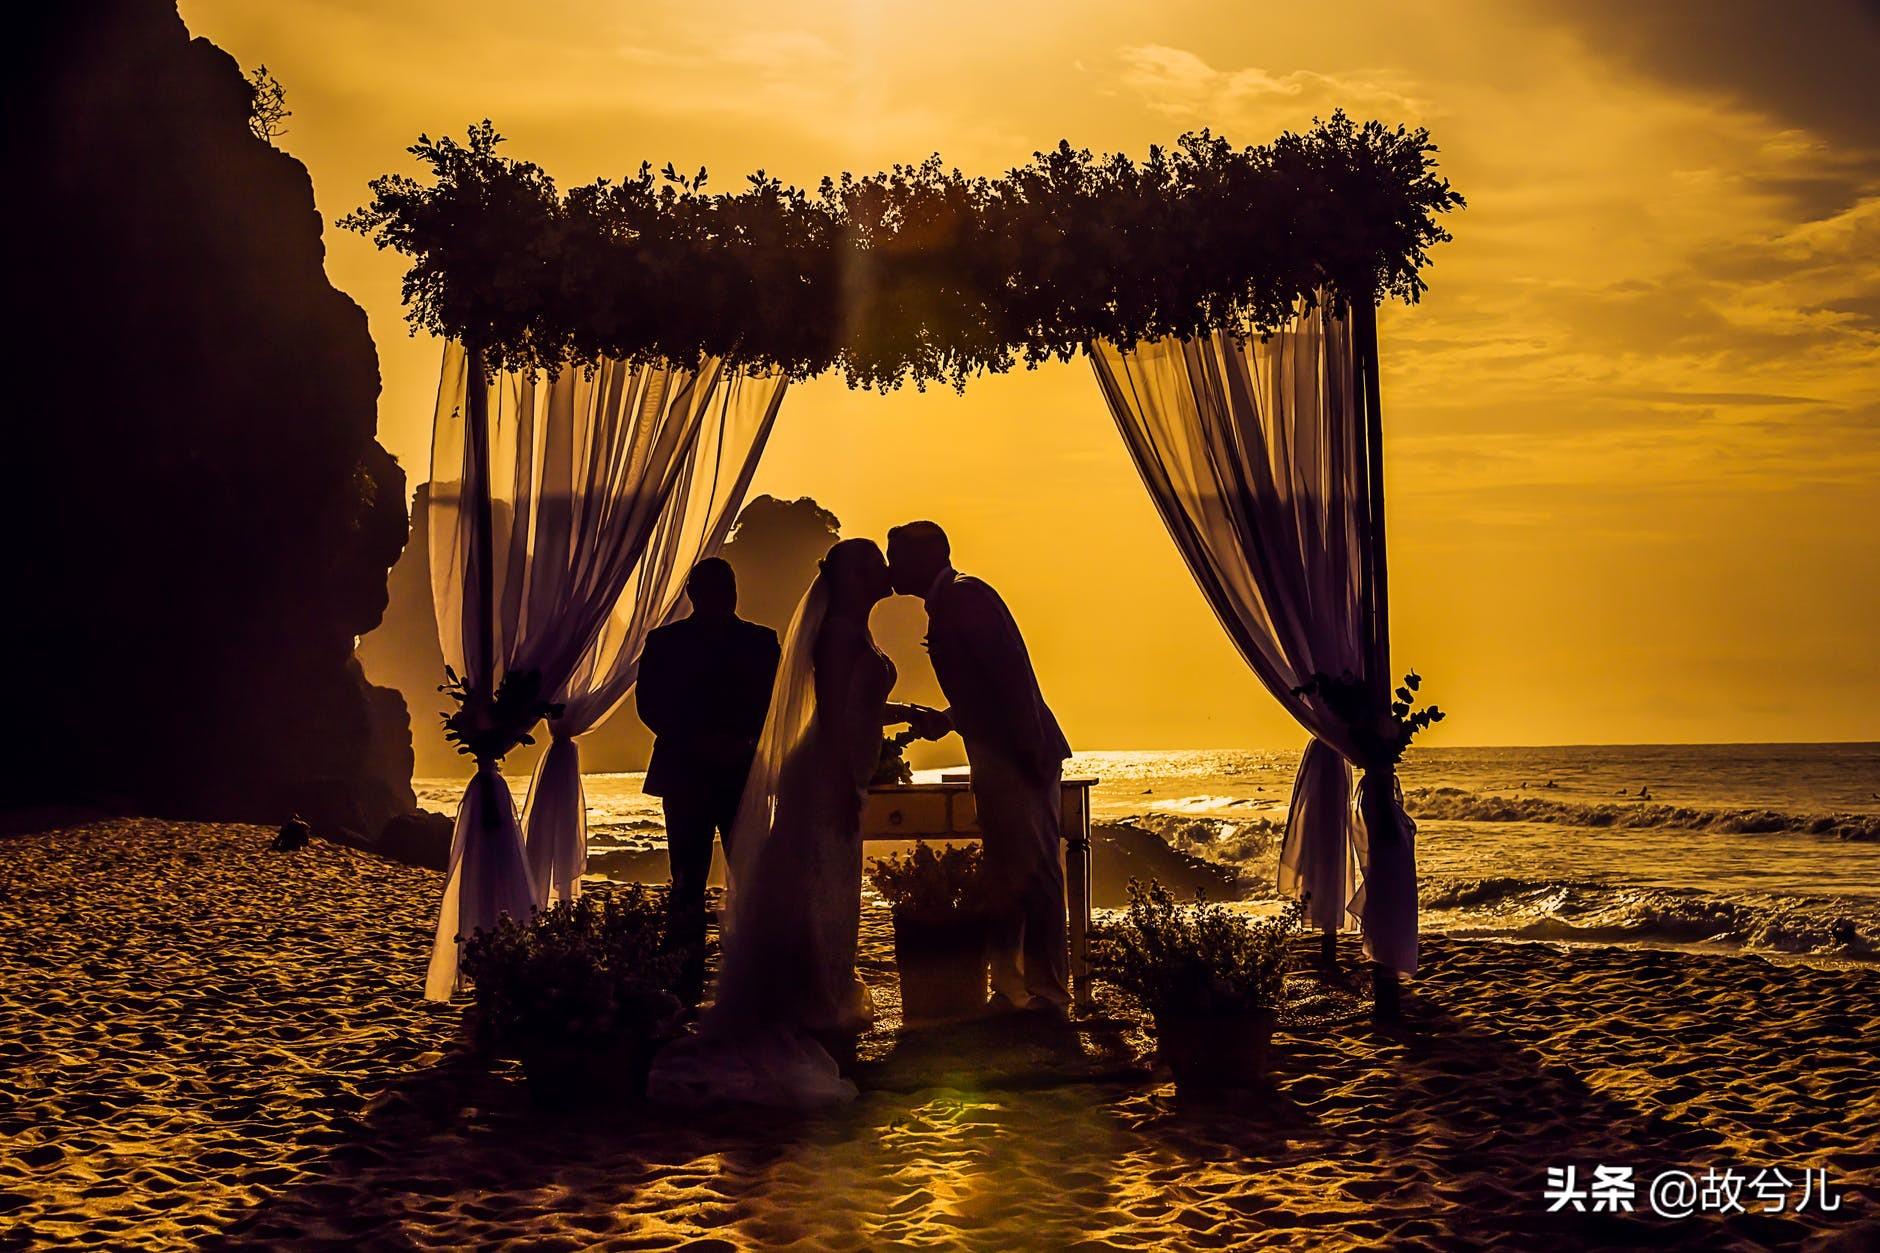 婚恋中的道德规范,形成正确的恋爱价值观